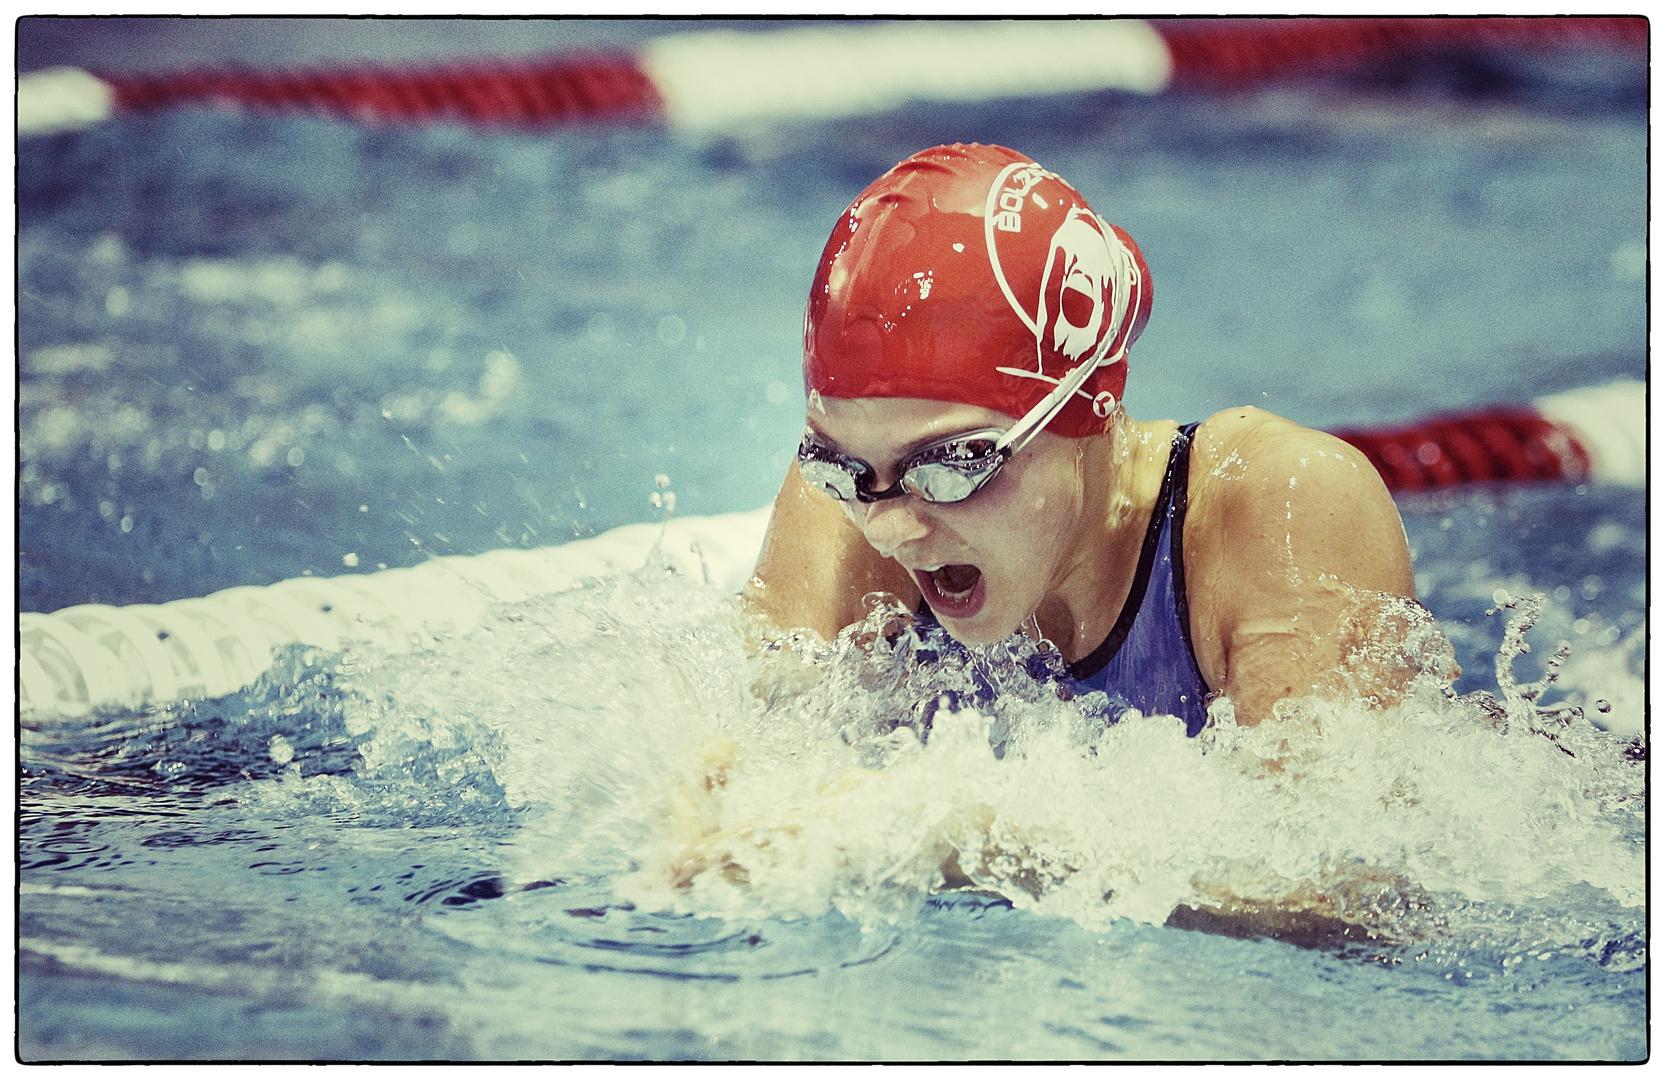 16. Internationales Schwimm-Meeting in Bozen (Südtirol)